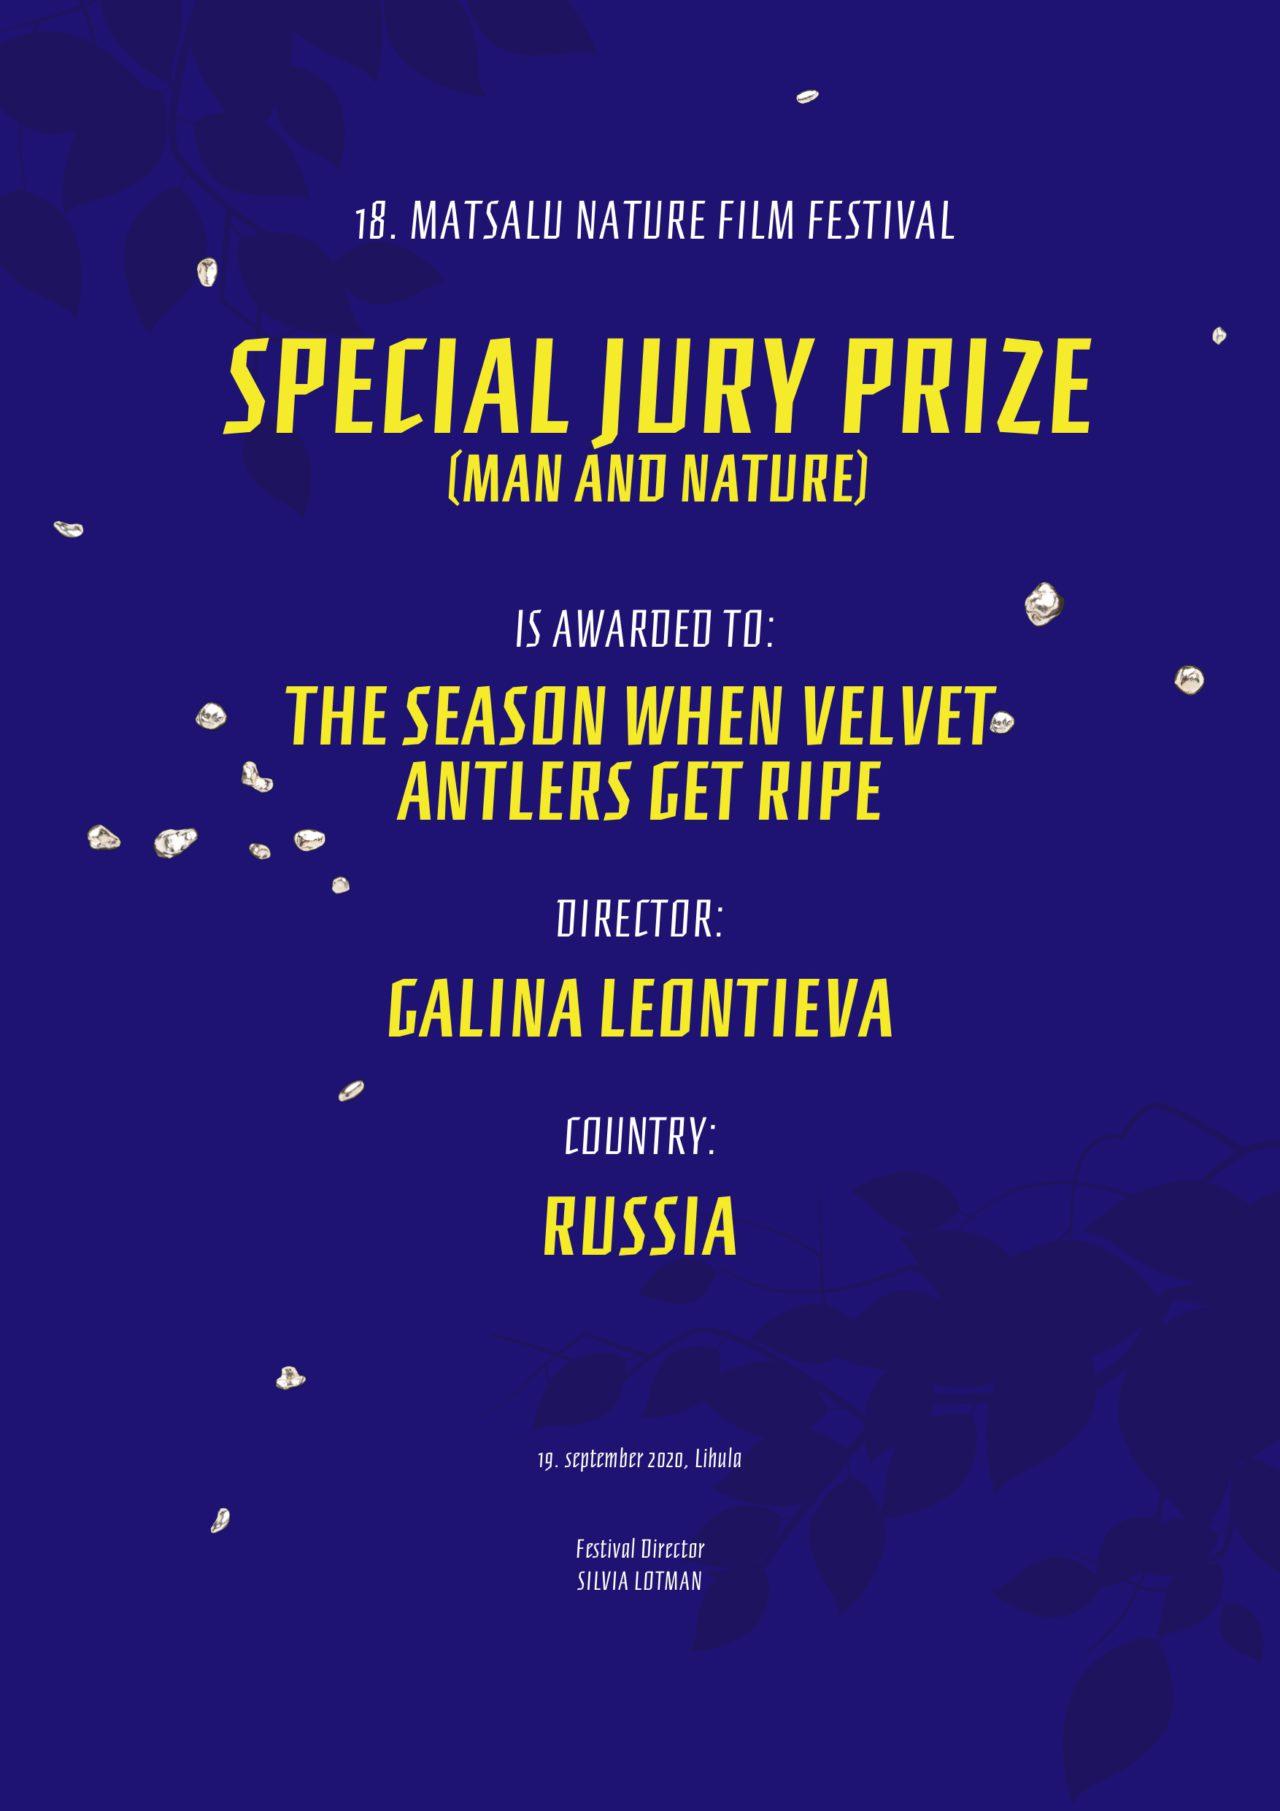 Фильм «Сезон созревания пантов» режиссера Галины Леонтьевой получил Специальный приз жюри на международном кинофестивале 18-th MAFF 2020 (Эстония)